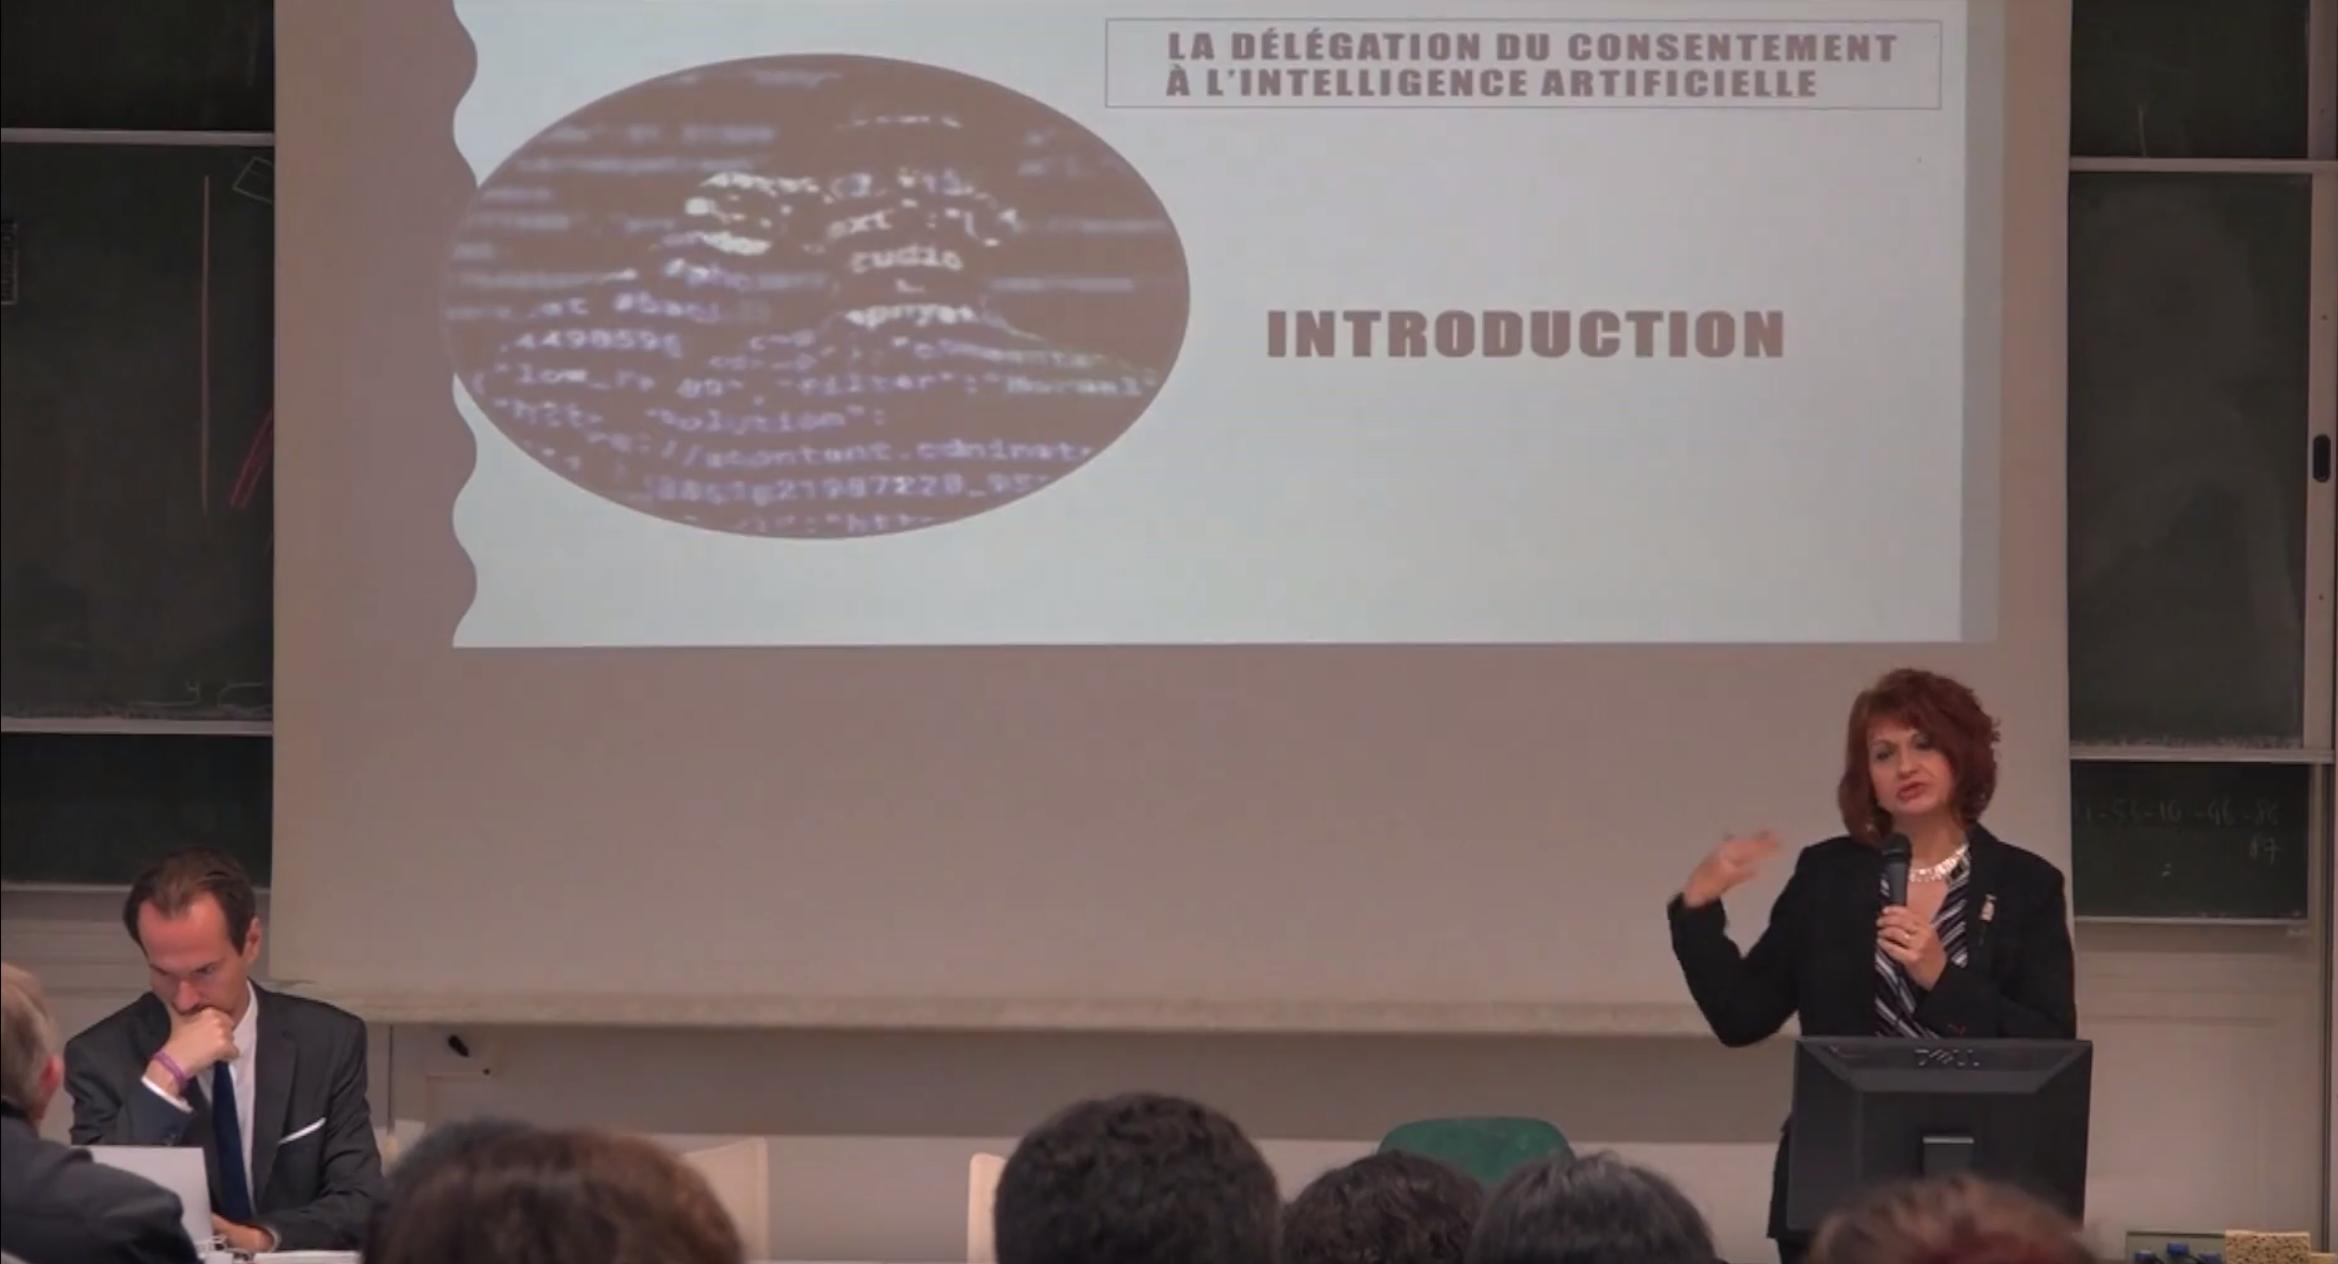 Vers une délégation du consentement à l'intelligence artificielle